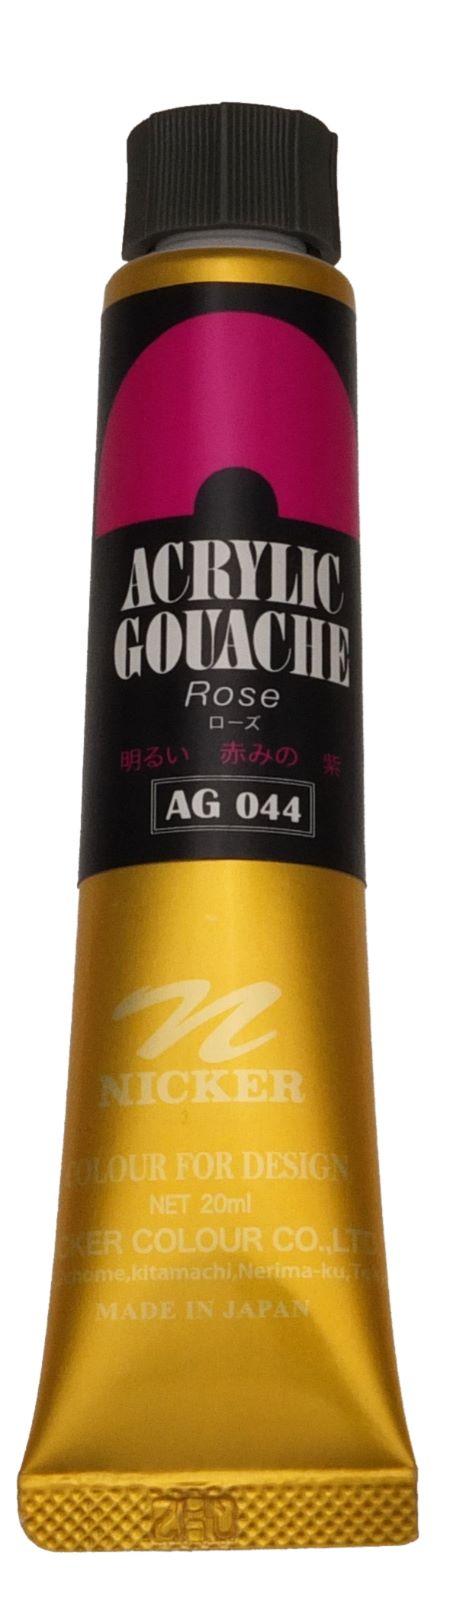 ACRYLIC GOUACHE 20ml AG044 ROSE